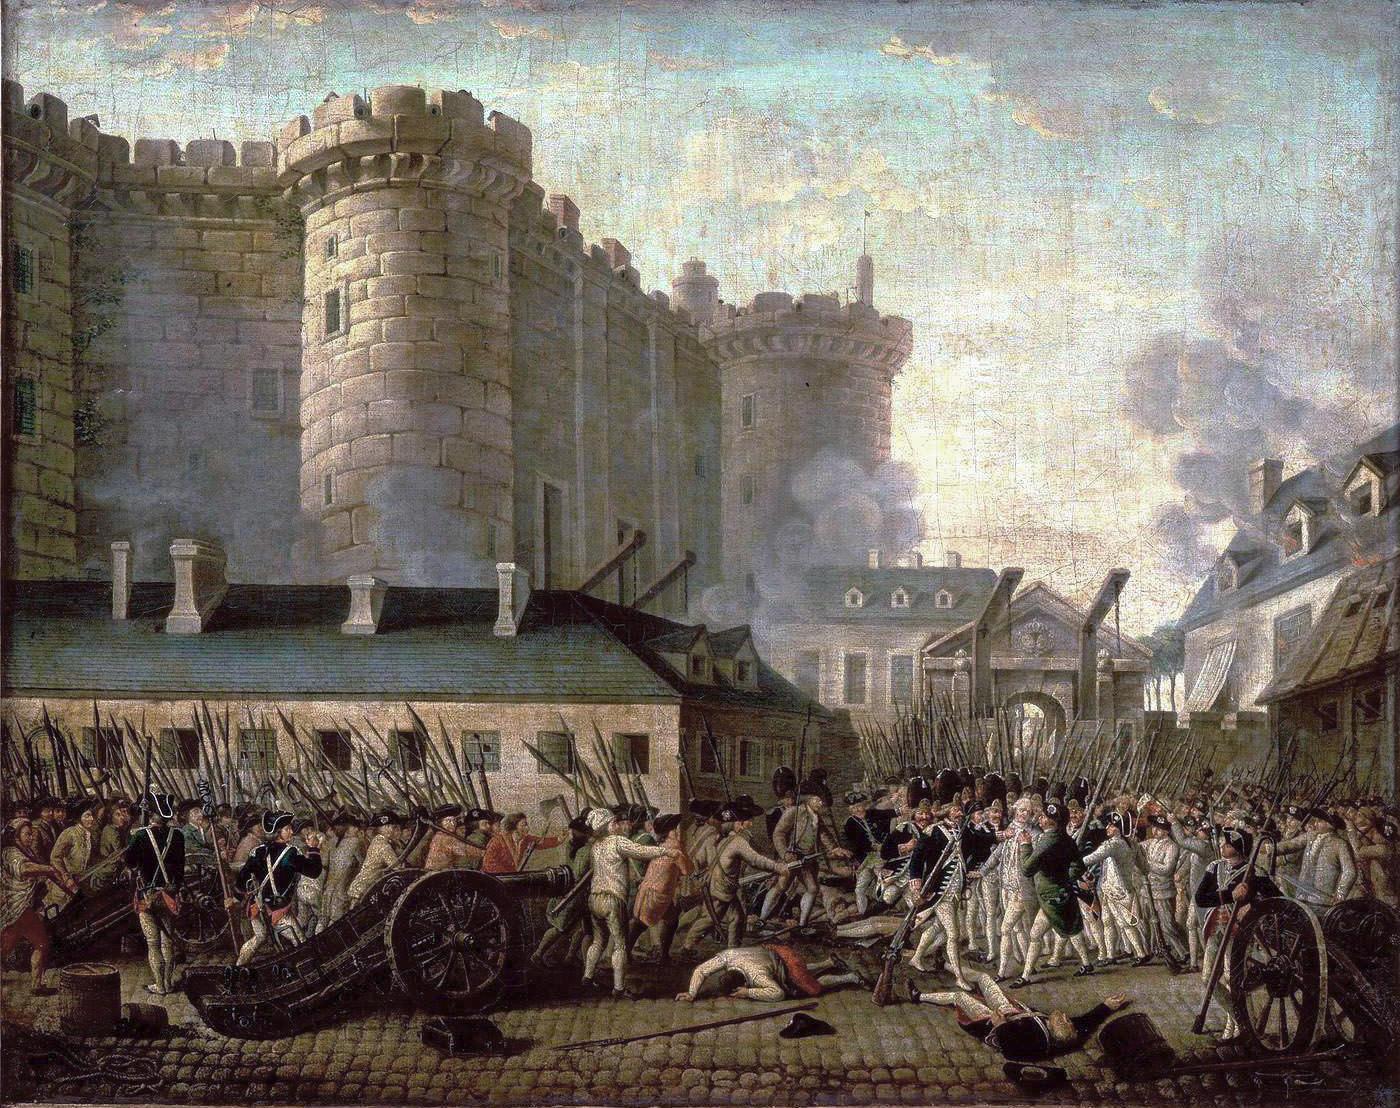 Révolution française : retour sur sa chronologie de 1788 à 1799 - Ça m'intéresse